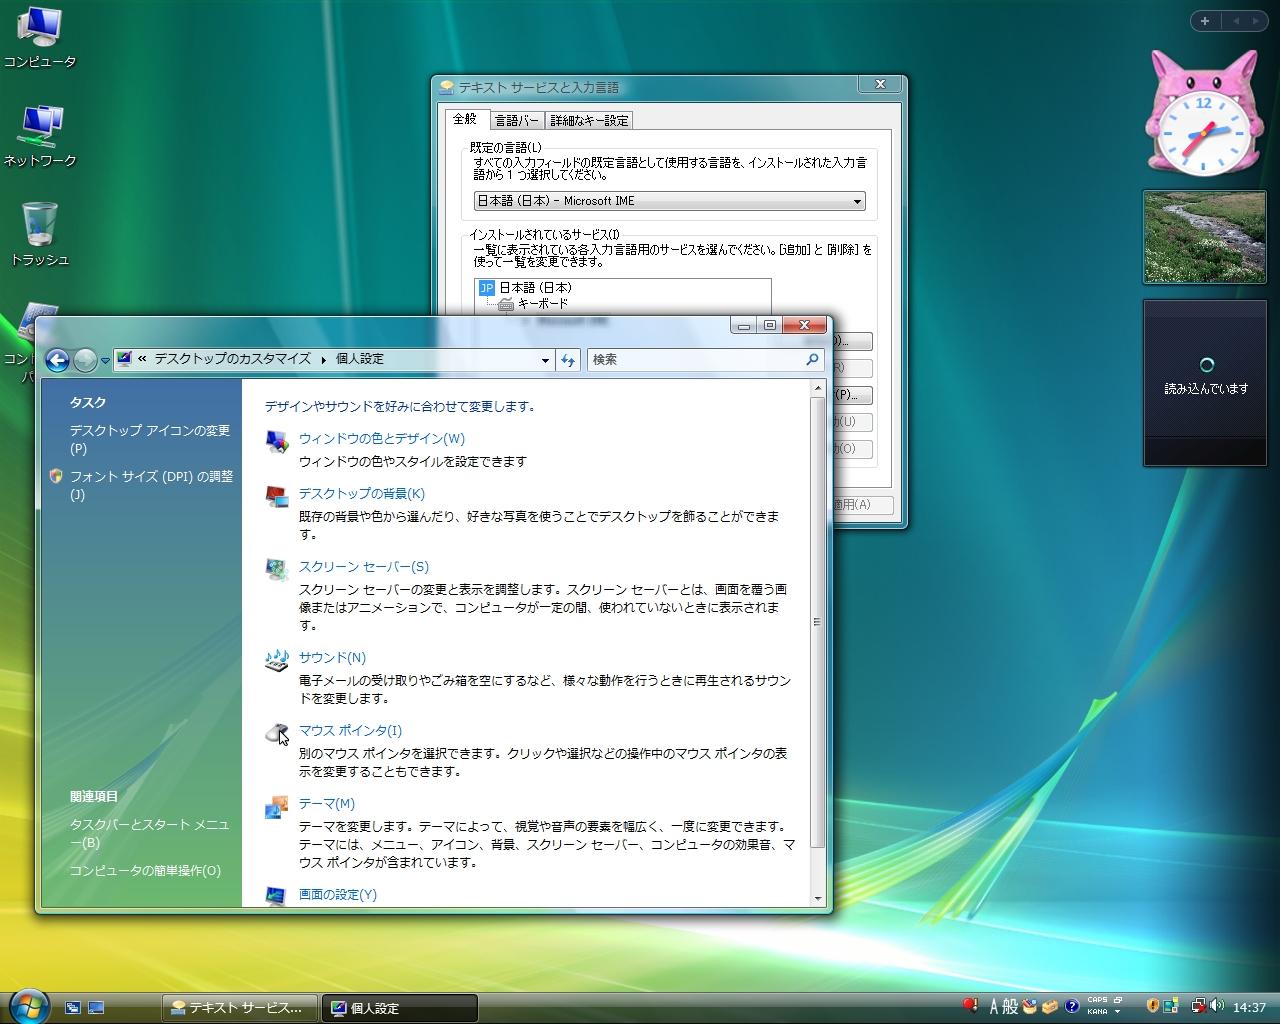 Windows Vista のスクリーン ショット